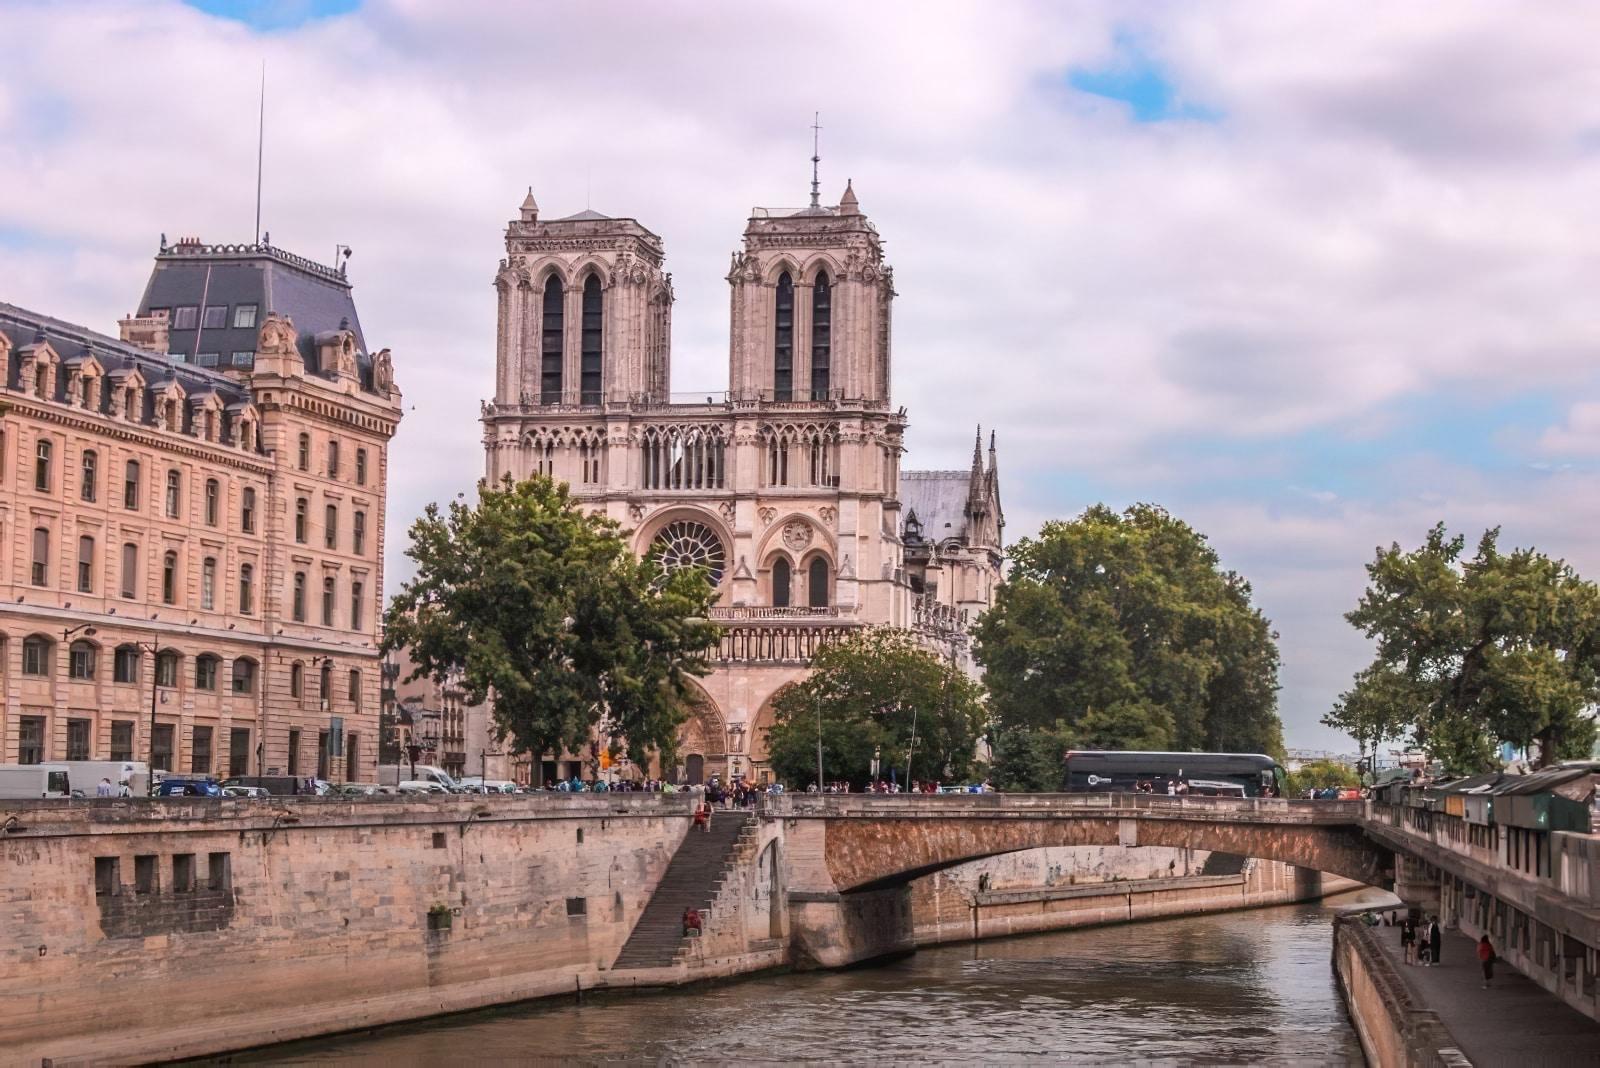 Visiter la Cathédrale Notre-Dame de Paris